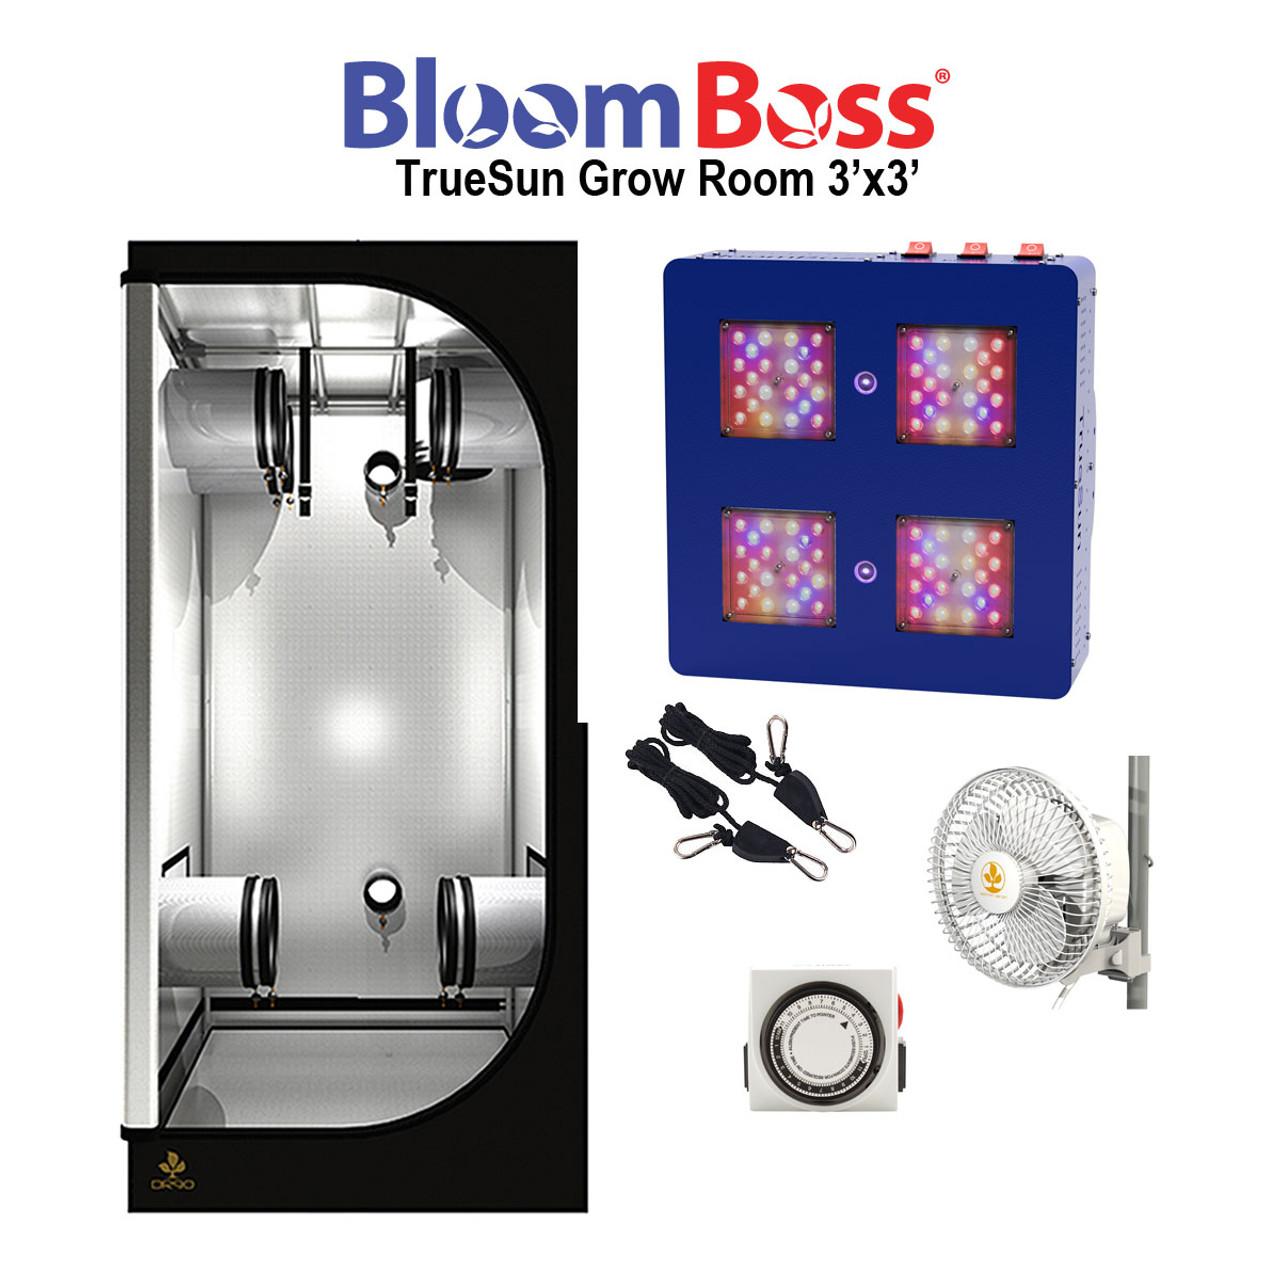 BloomBoss TrueSun 3'x3' Grow Room